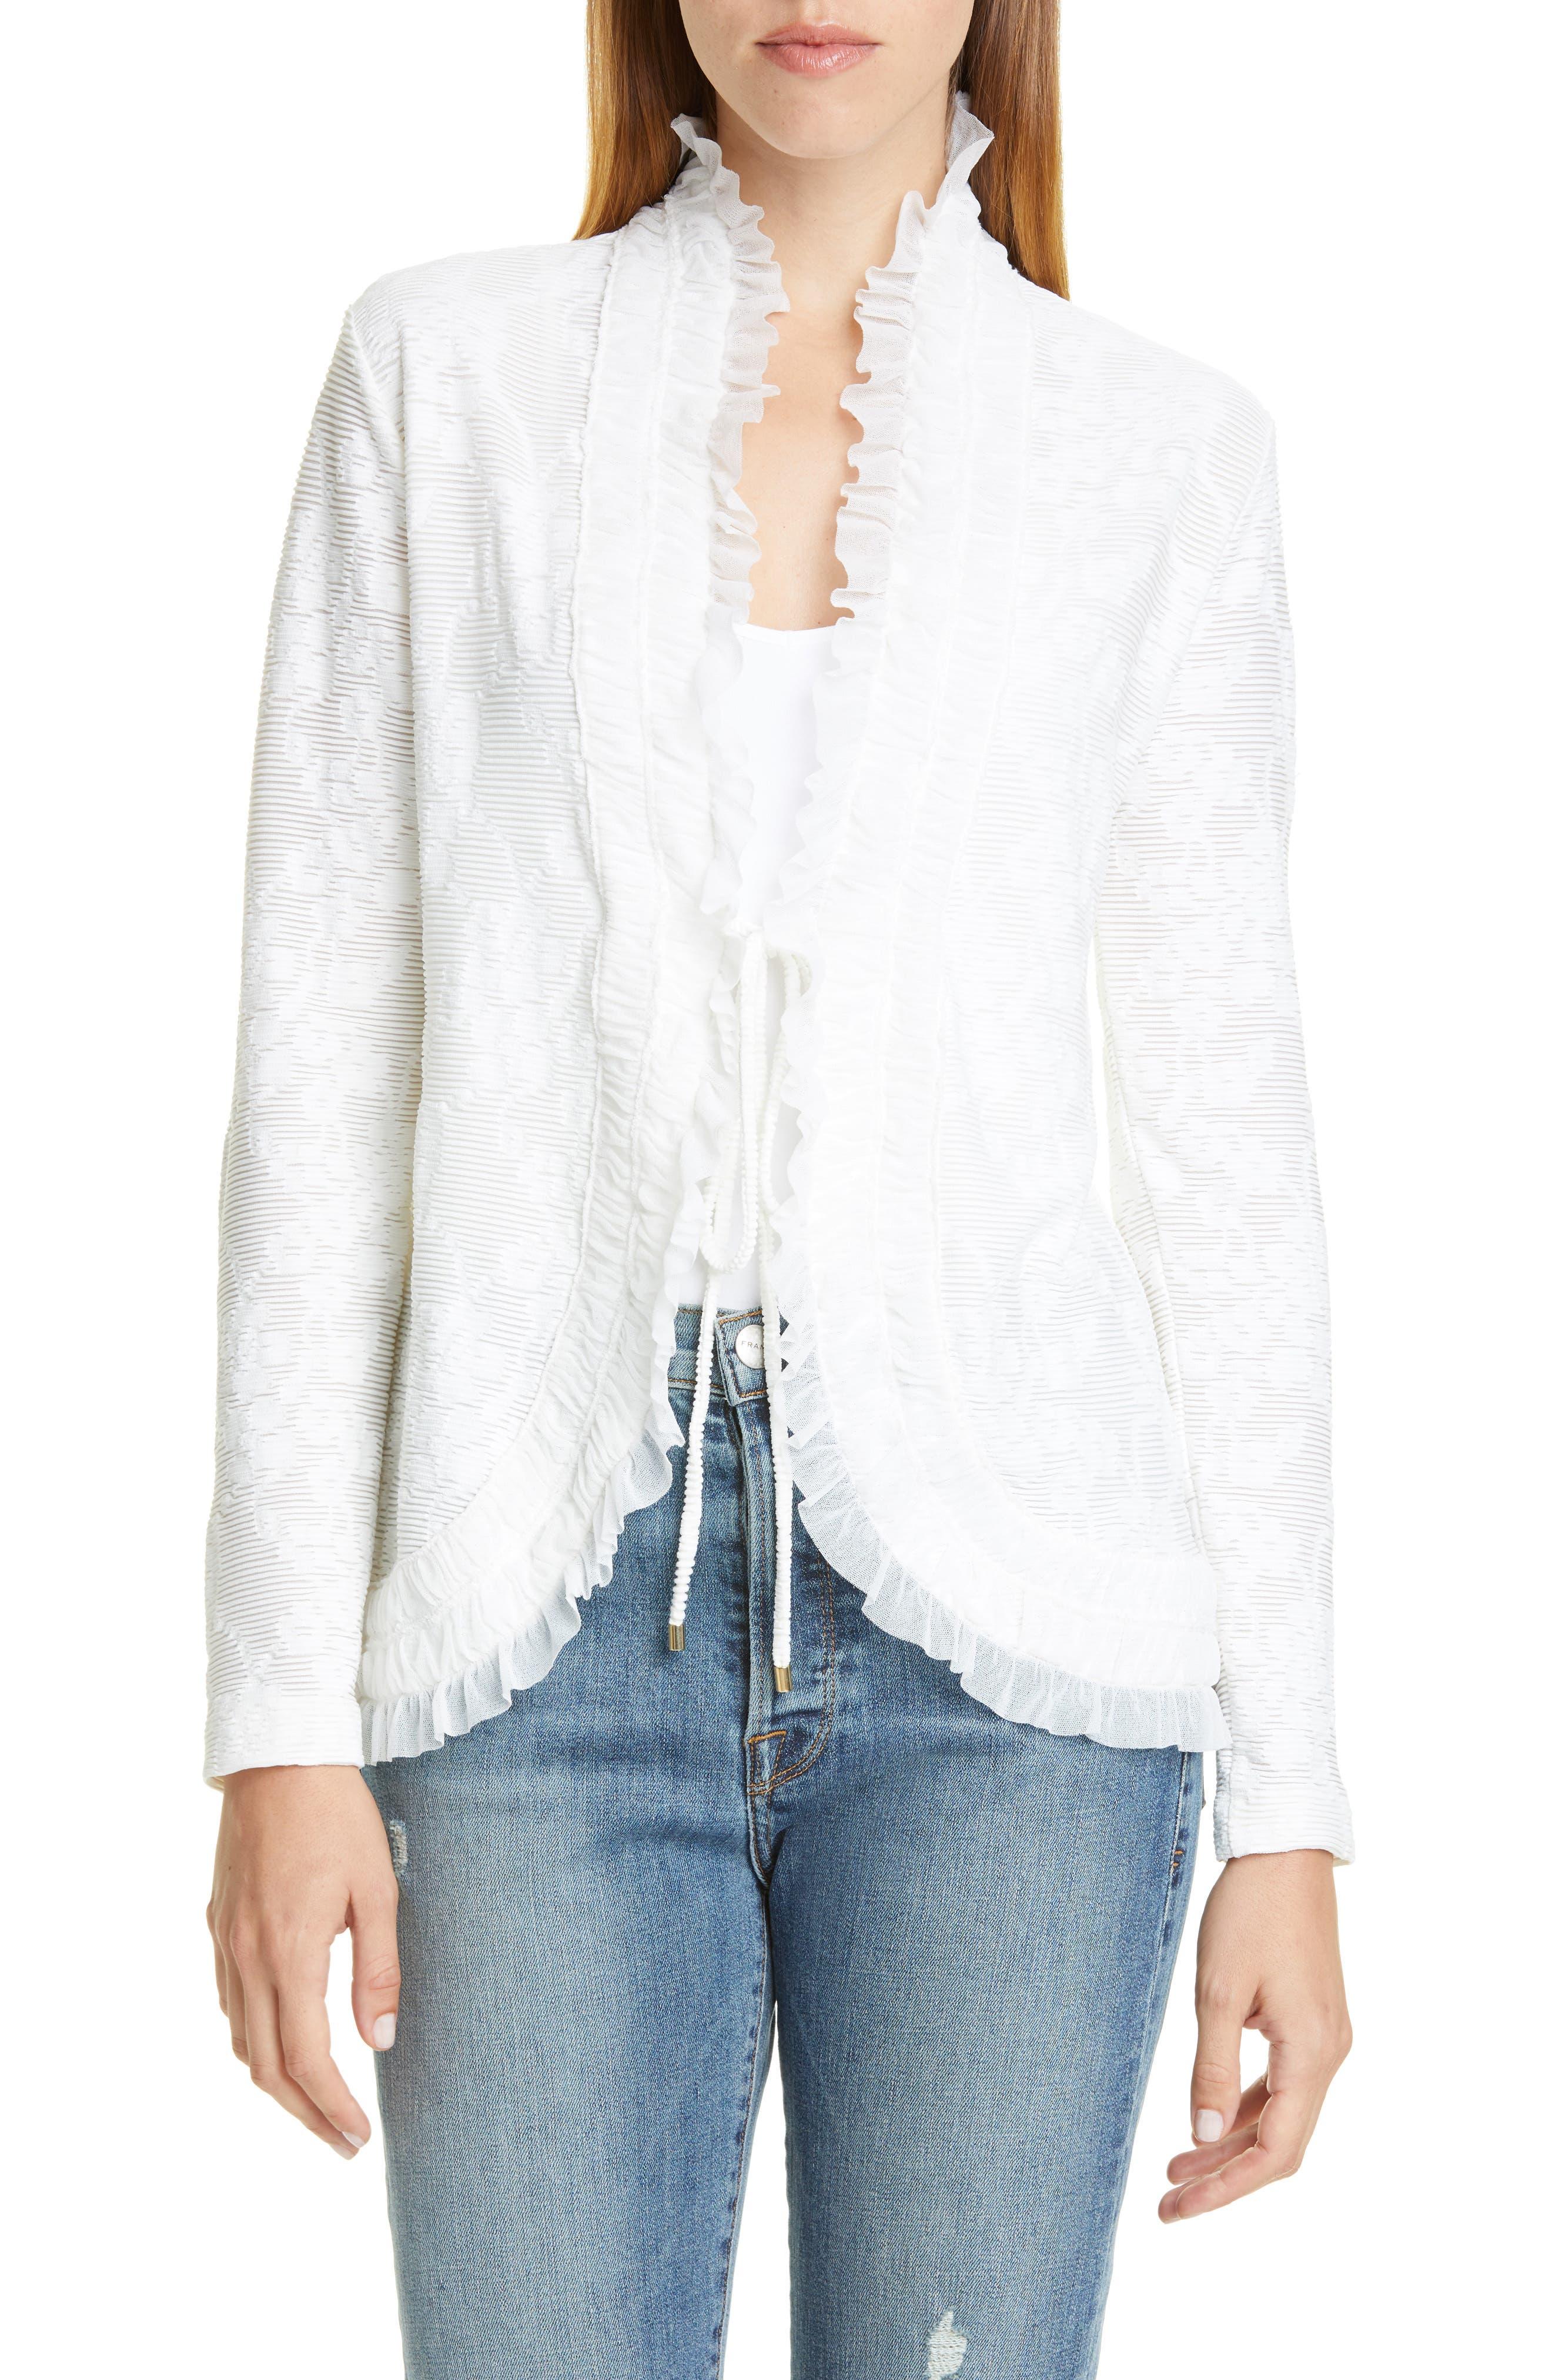 Ruffle Trim Lace Jacket by Fuzzi